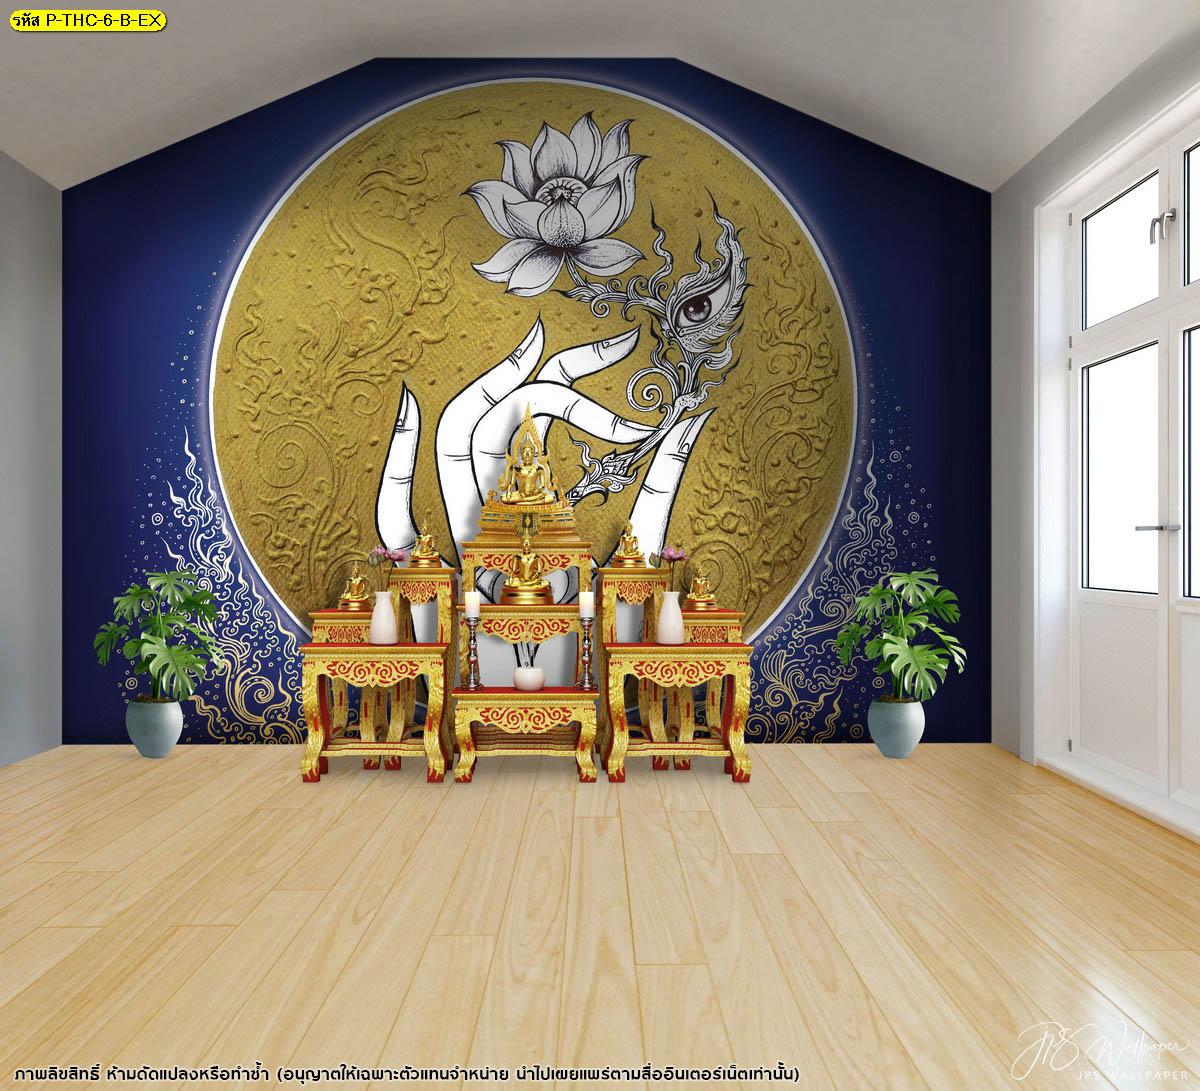 ไอเดียห้องพระ วอลเปเปอร์ลายดอกบัว ภาพวาดฝาผนังบ้าน